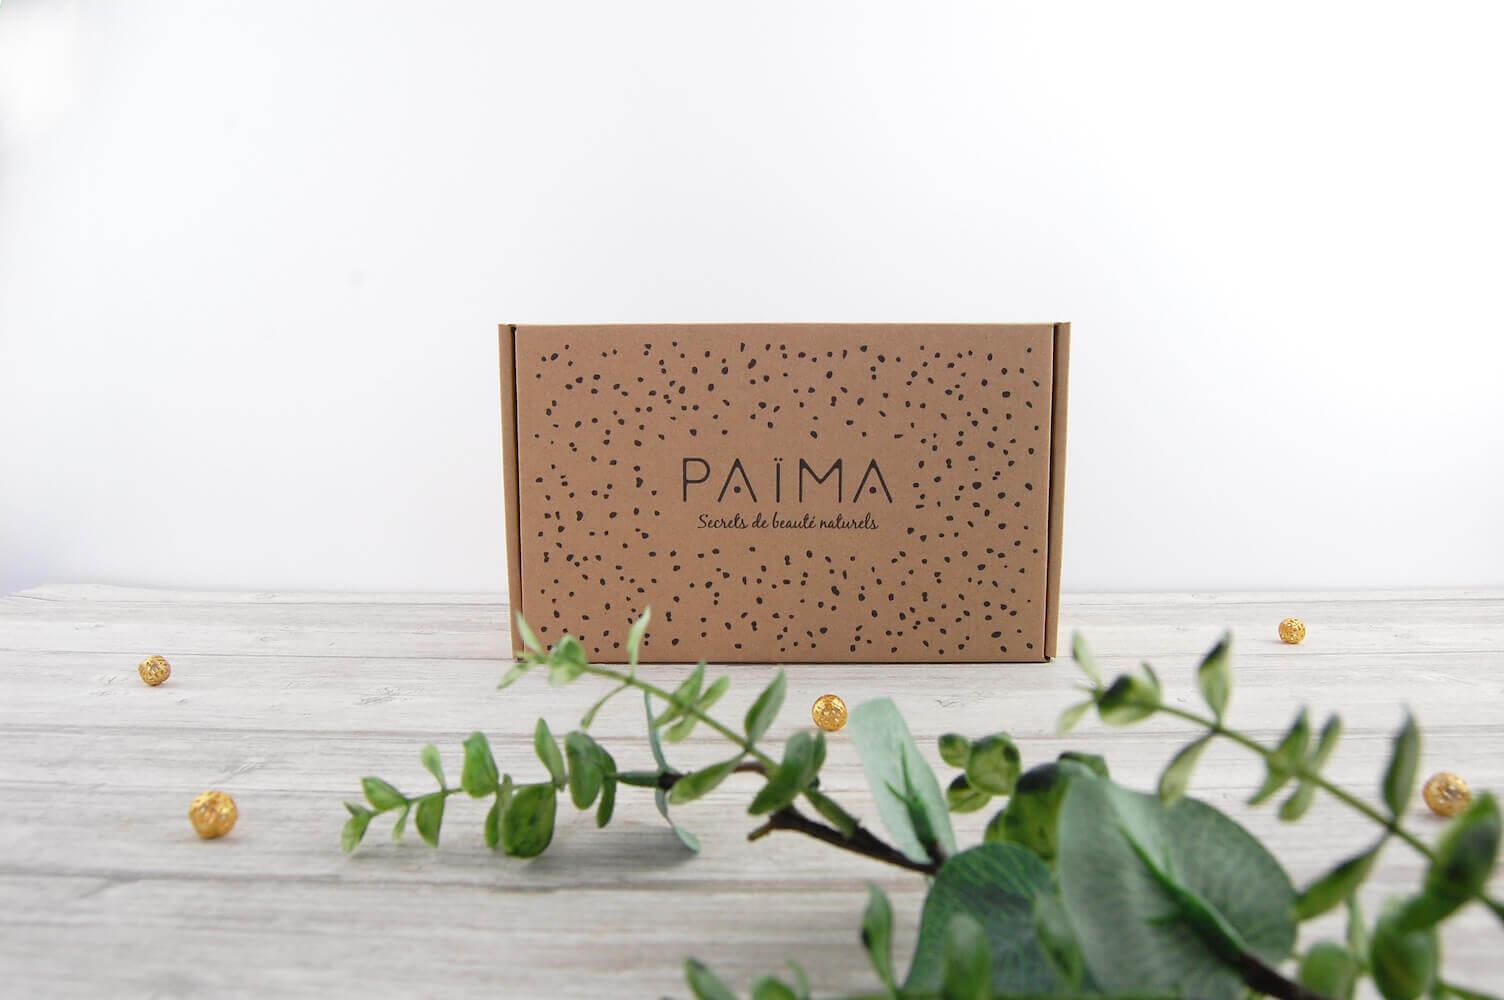 Una caja para envíos de la marca Païma